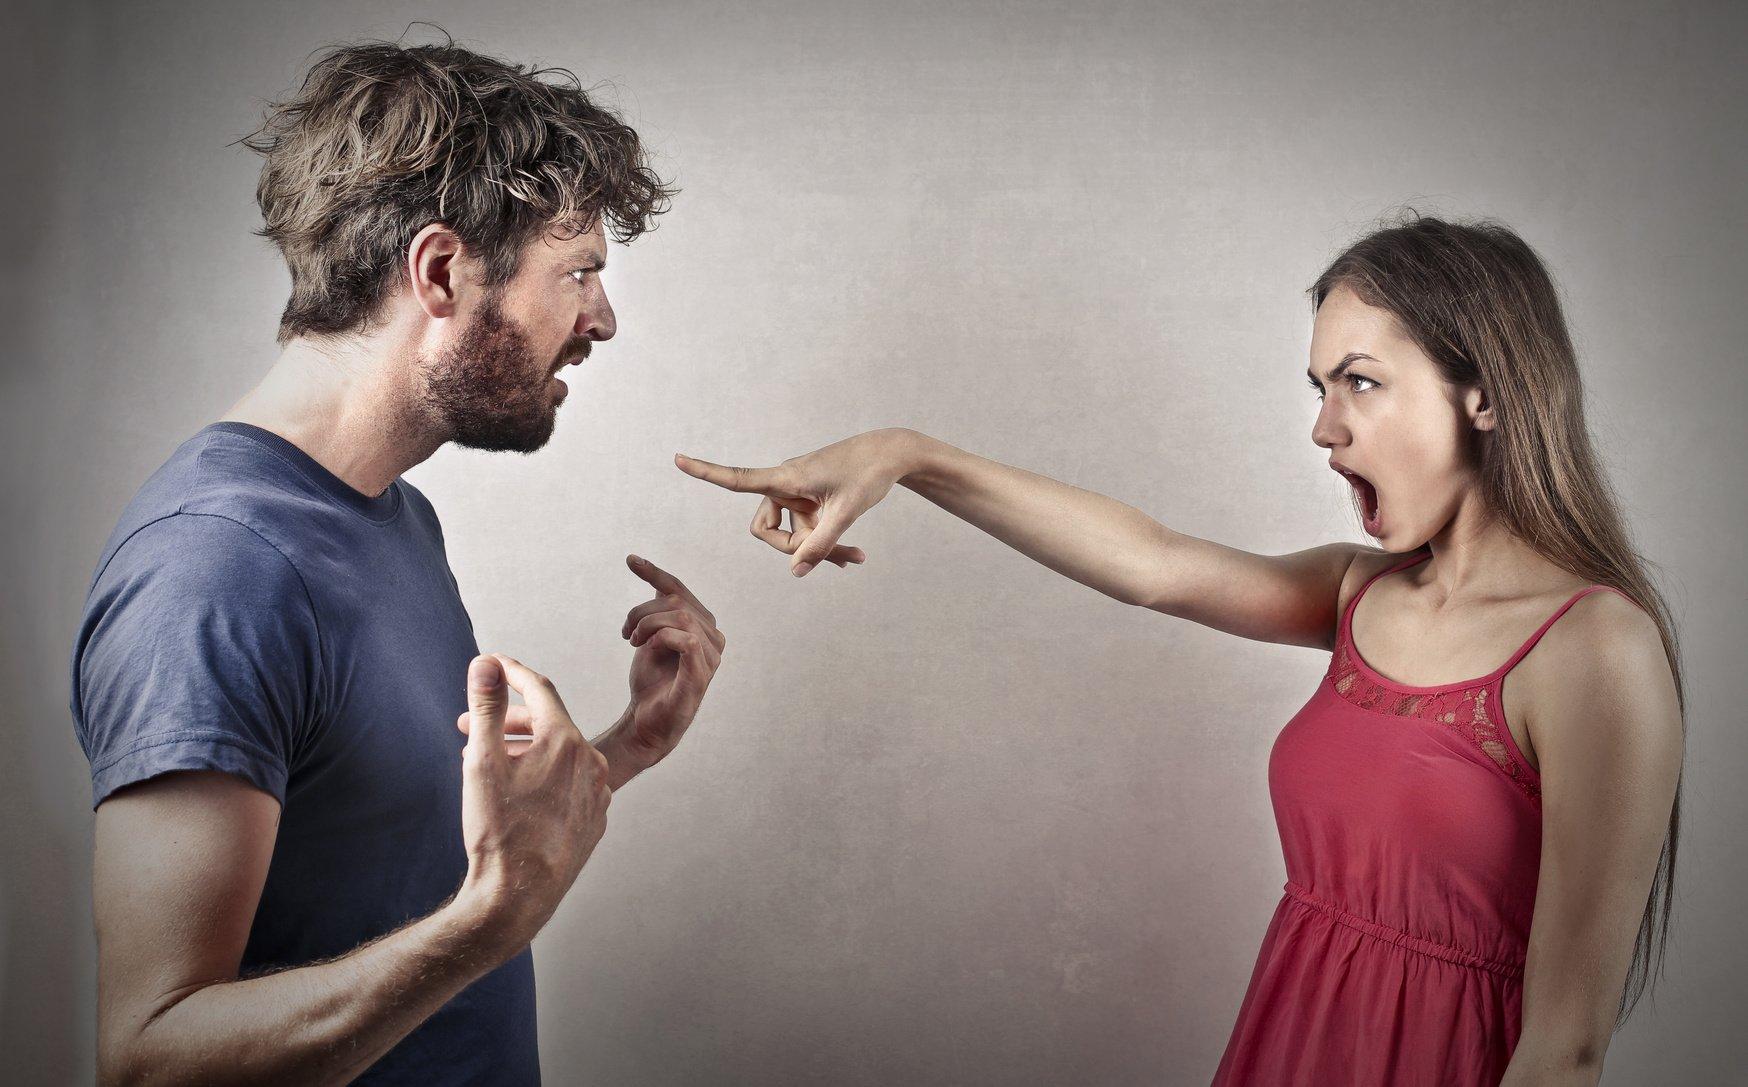 Женская агрессия в интимных отношениях этого